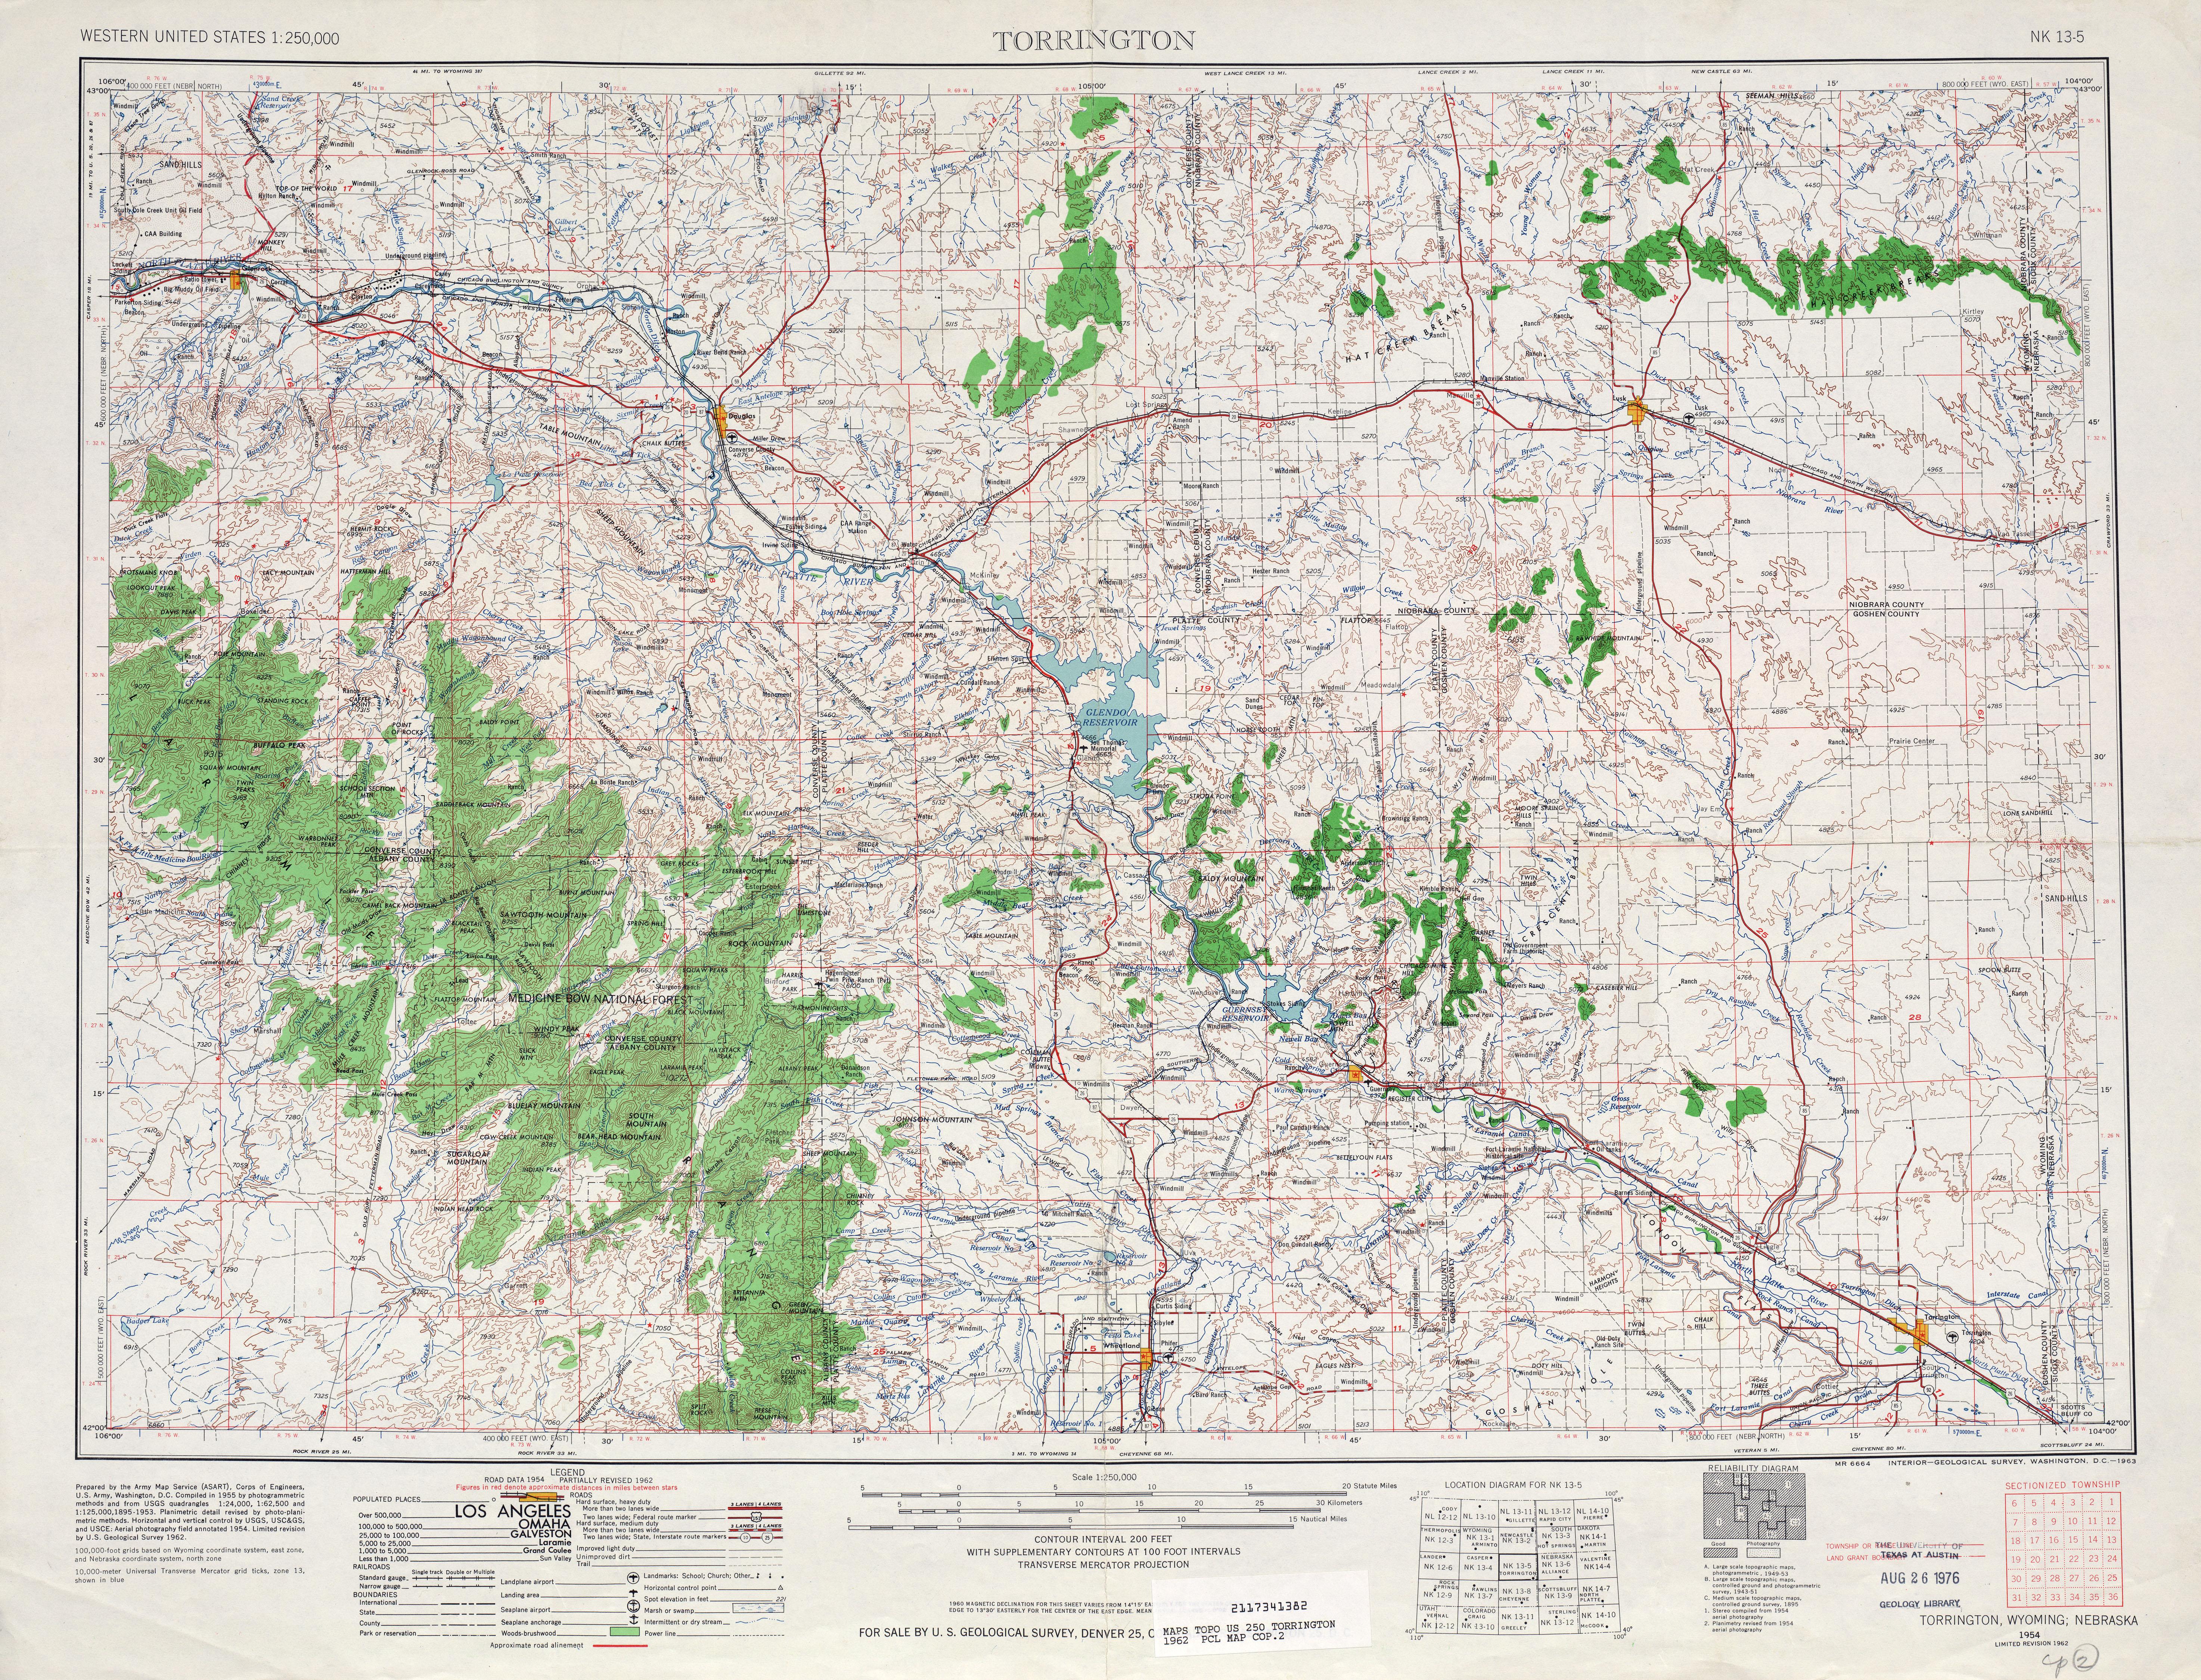 Hoja Torrington del Mapa Topográfico de los Estados Unidos 1962